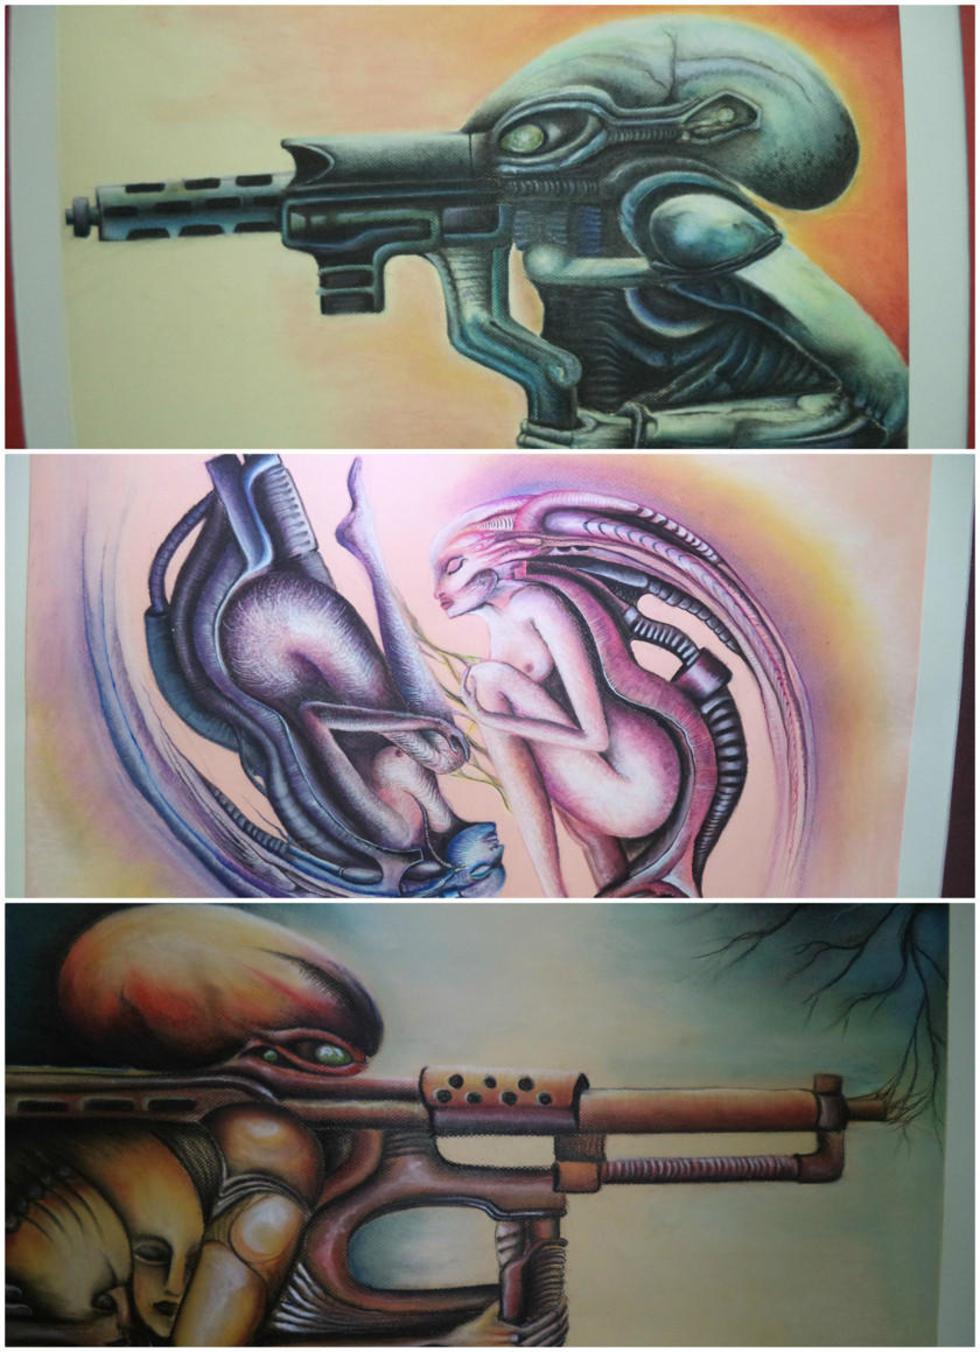 Figuras humanoides destacan la imaginación del artista.